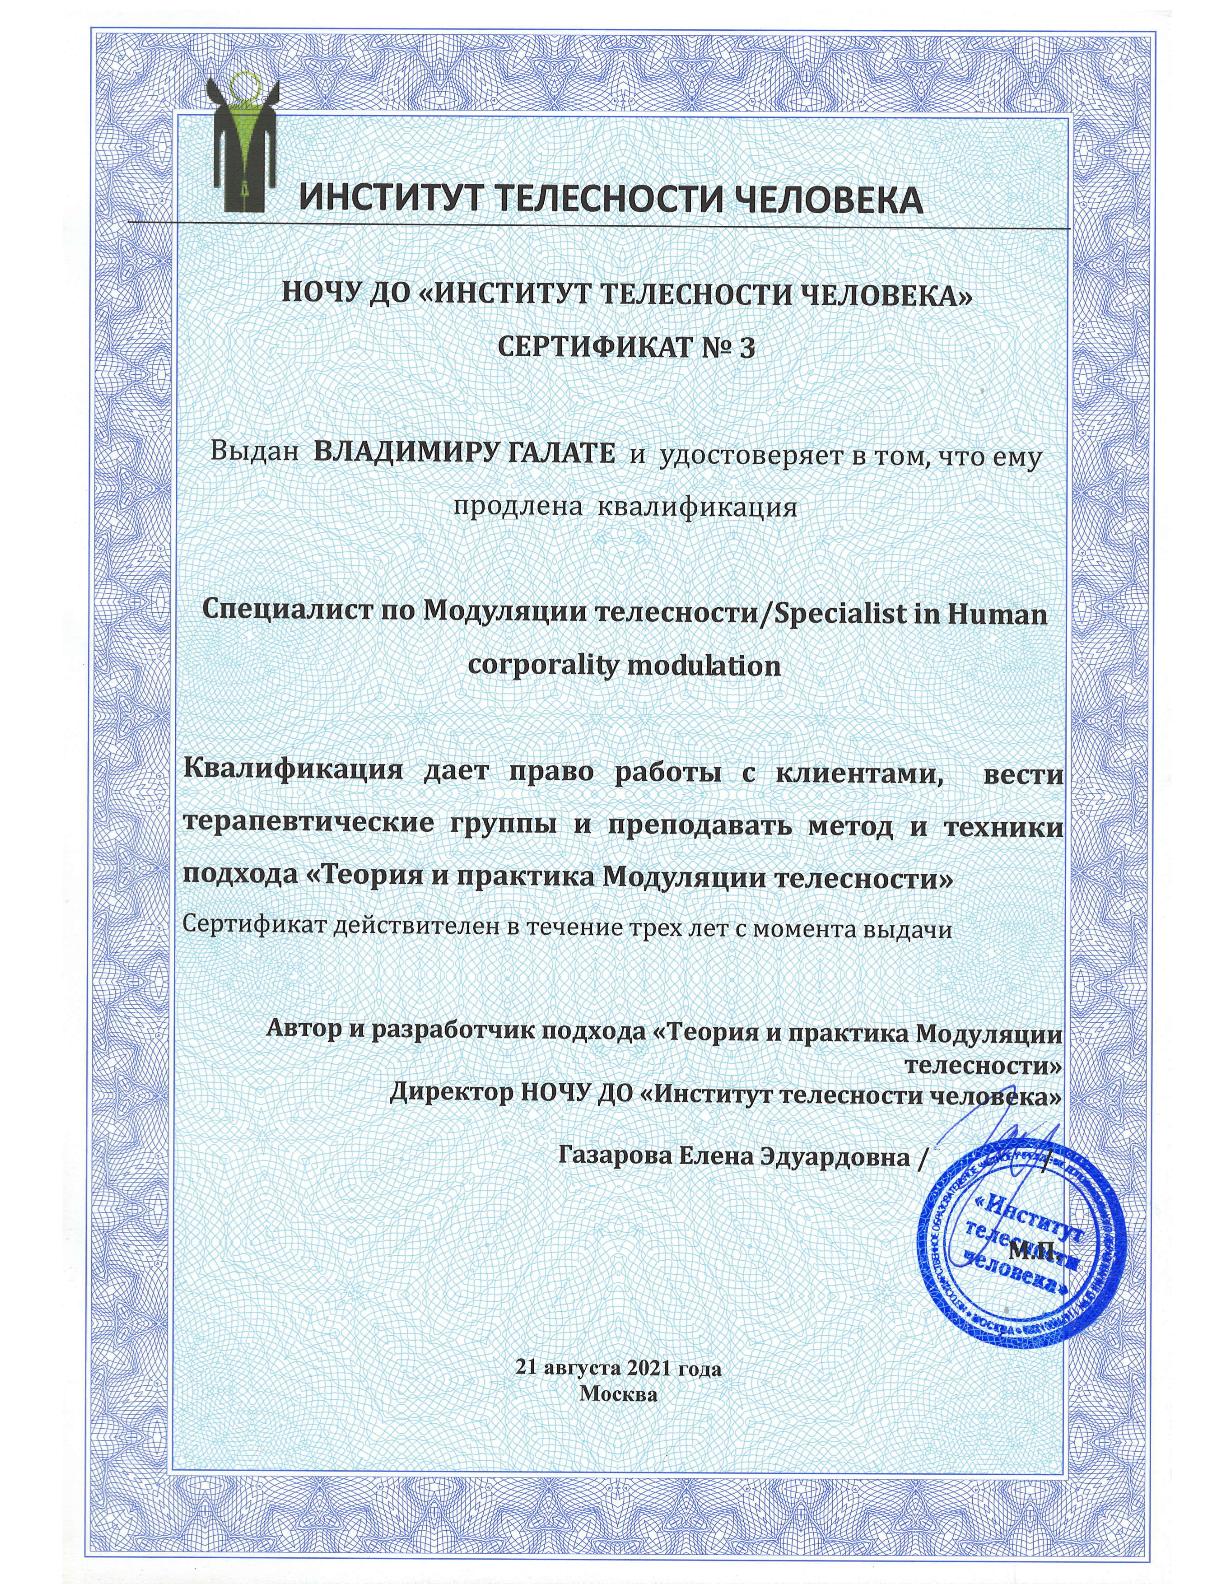 Сертифицированный специалист Владимир Галата